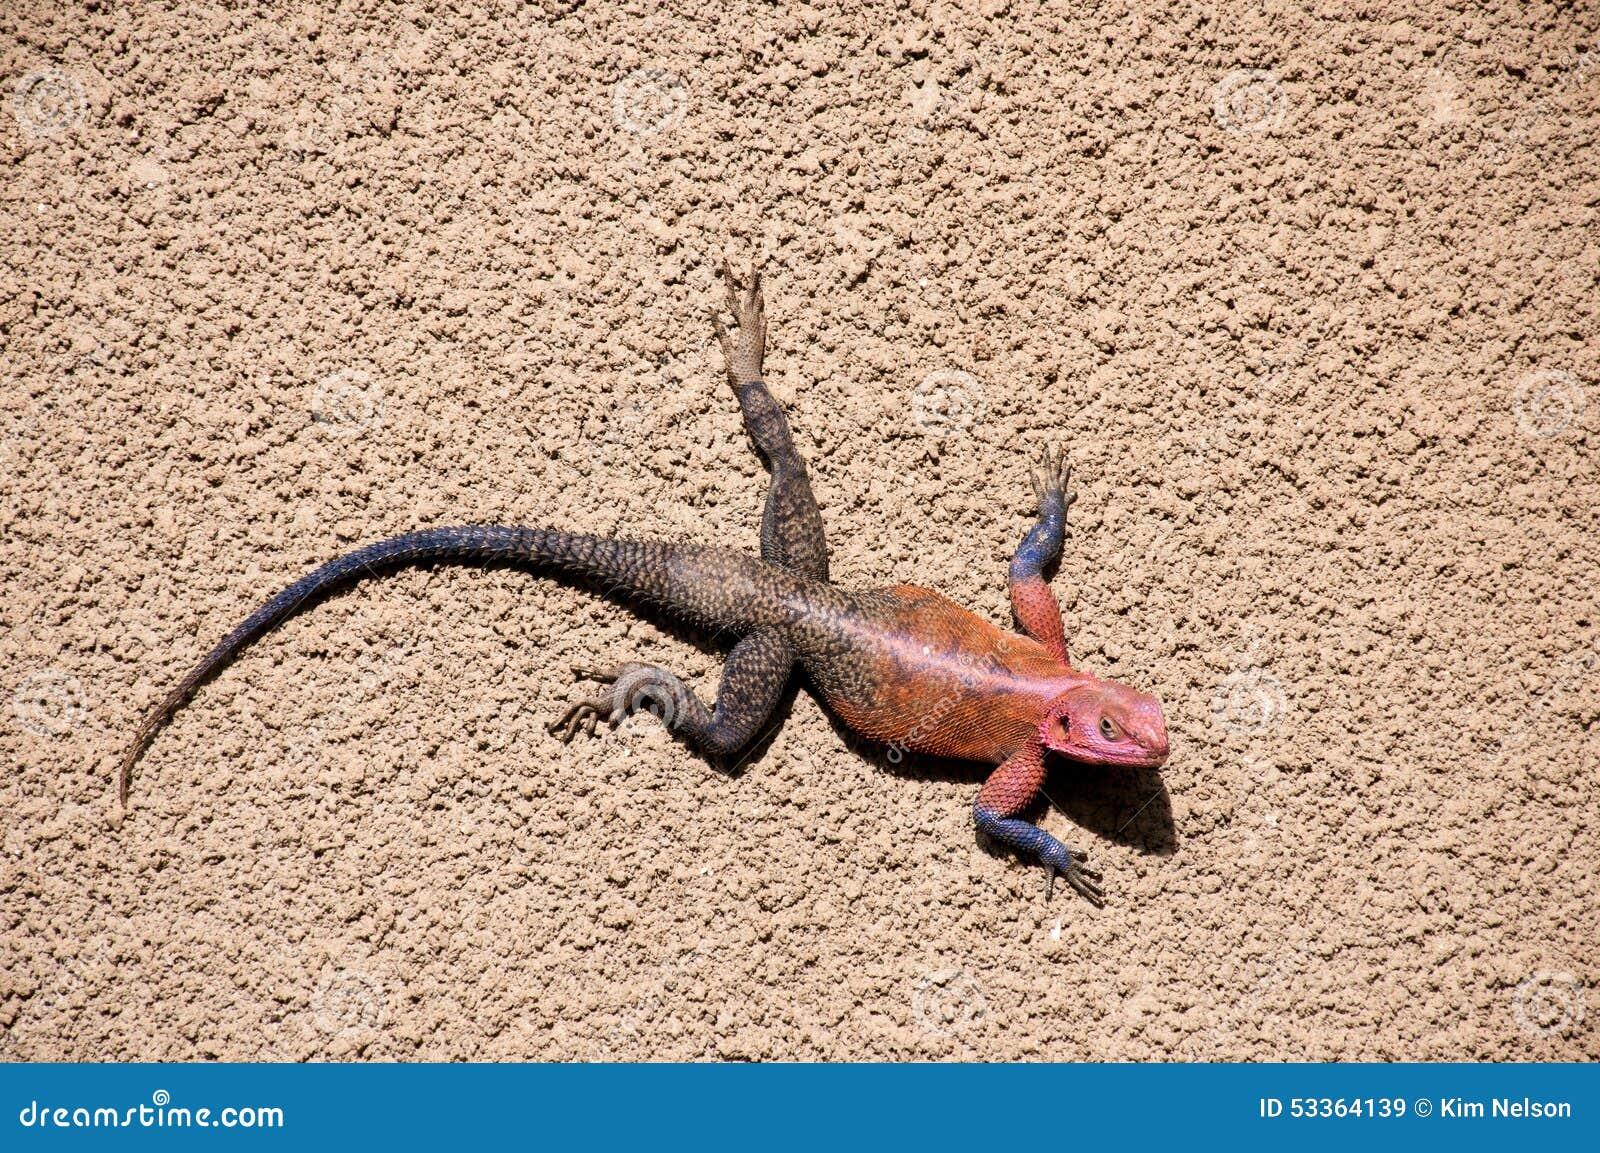 Agama dalla testa rosso maschio della roccia, Tanzania